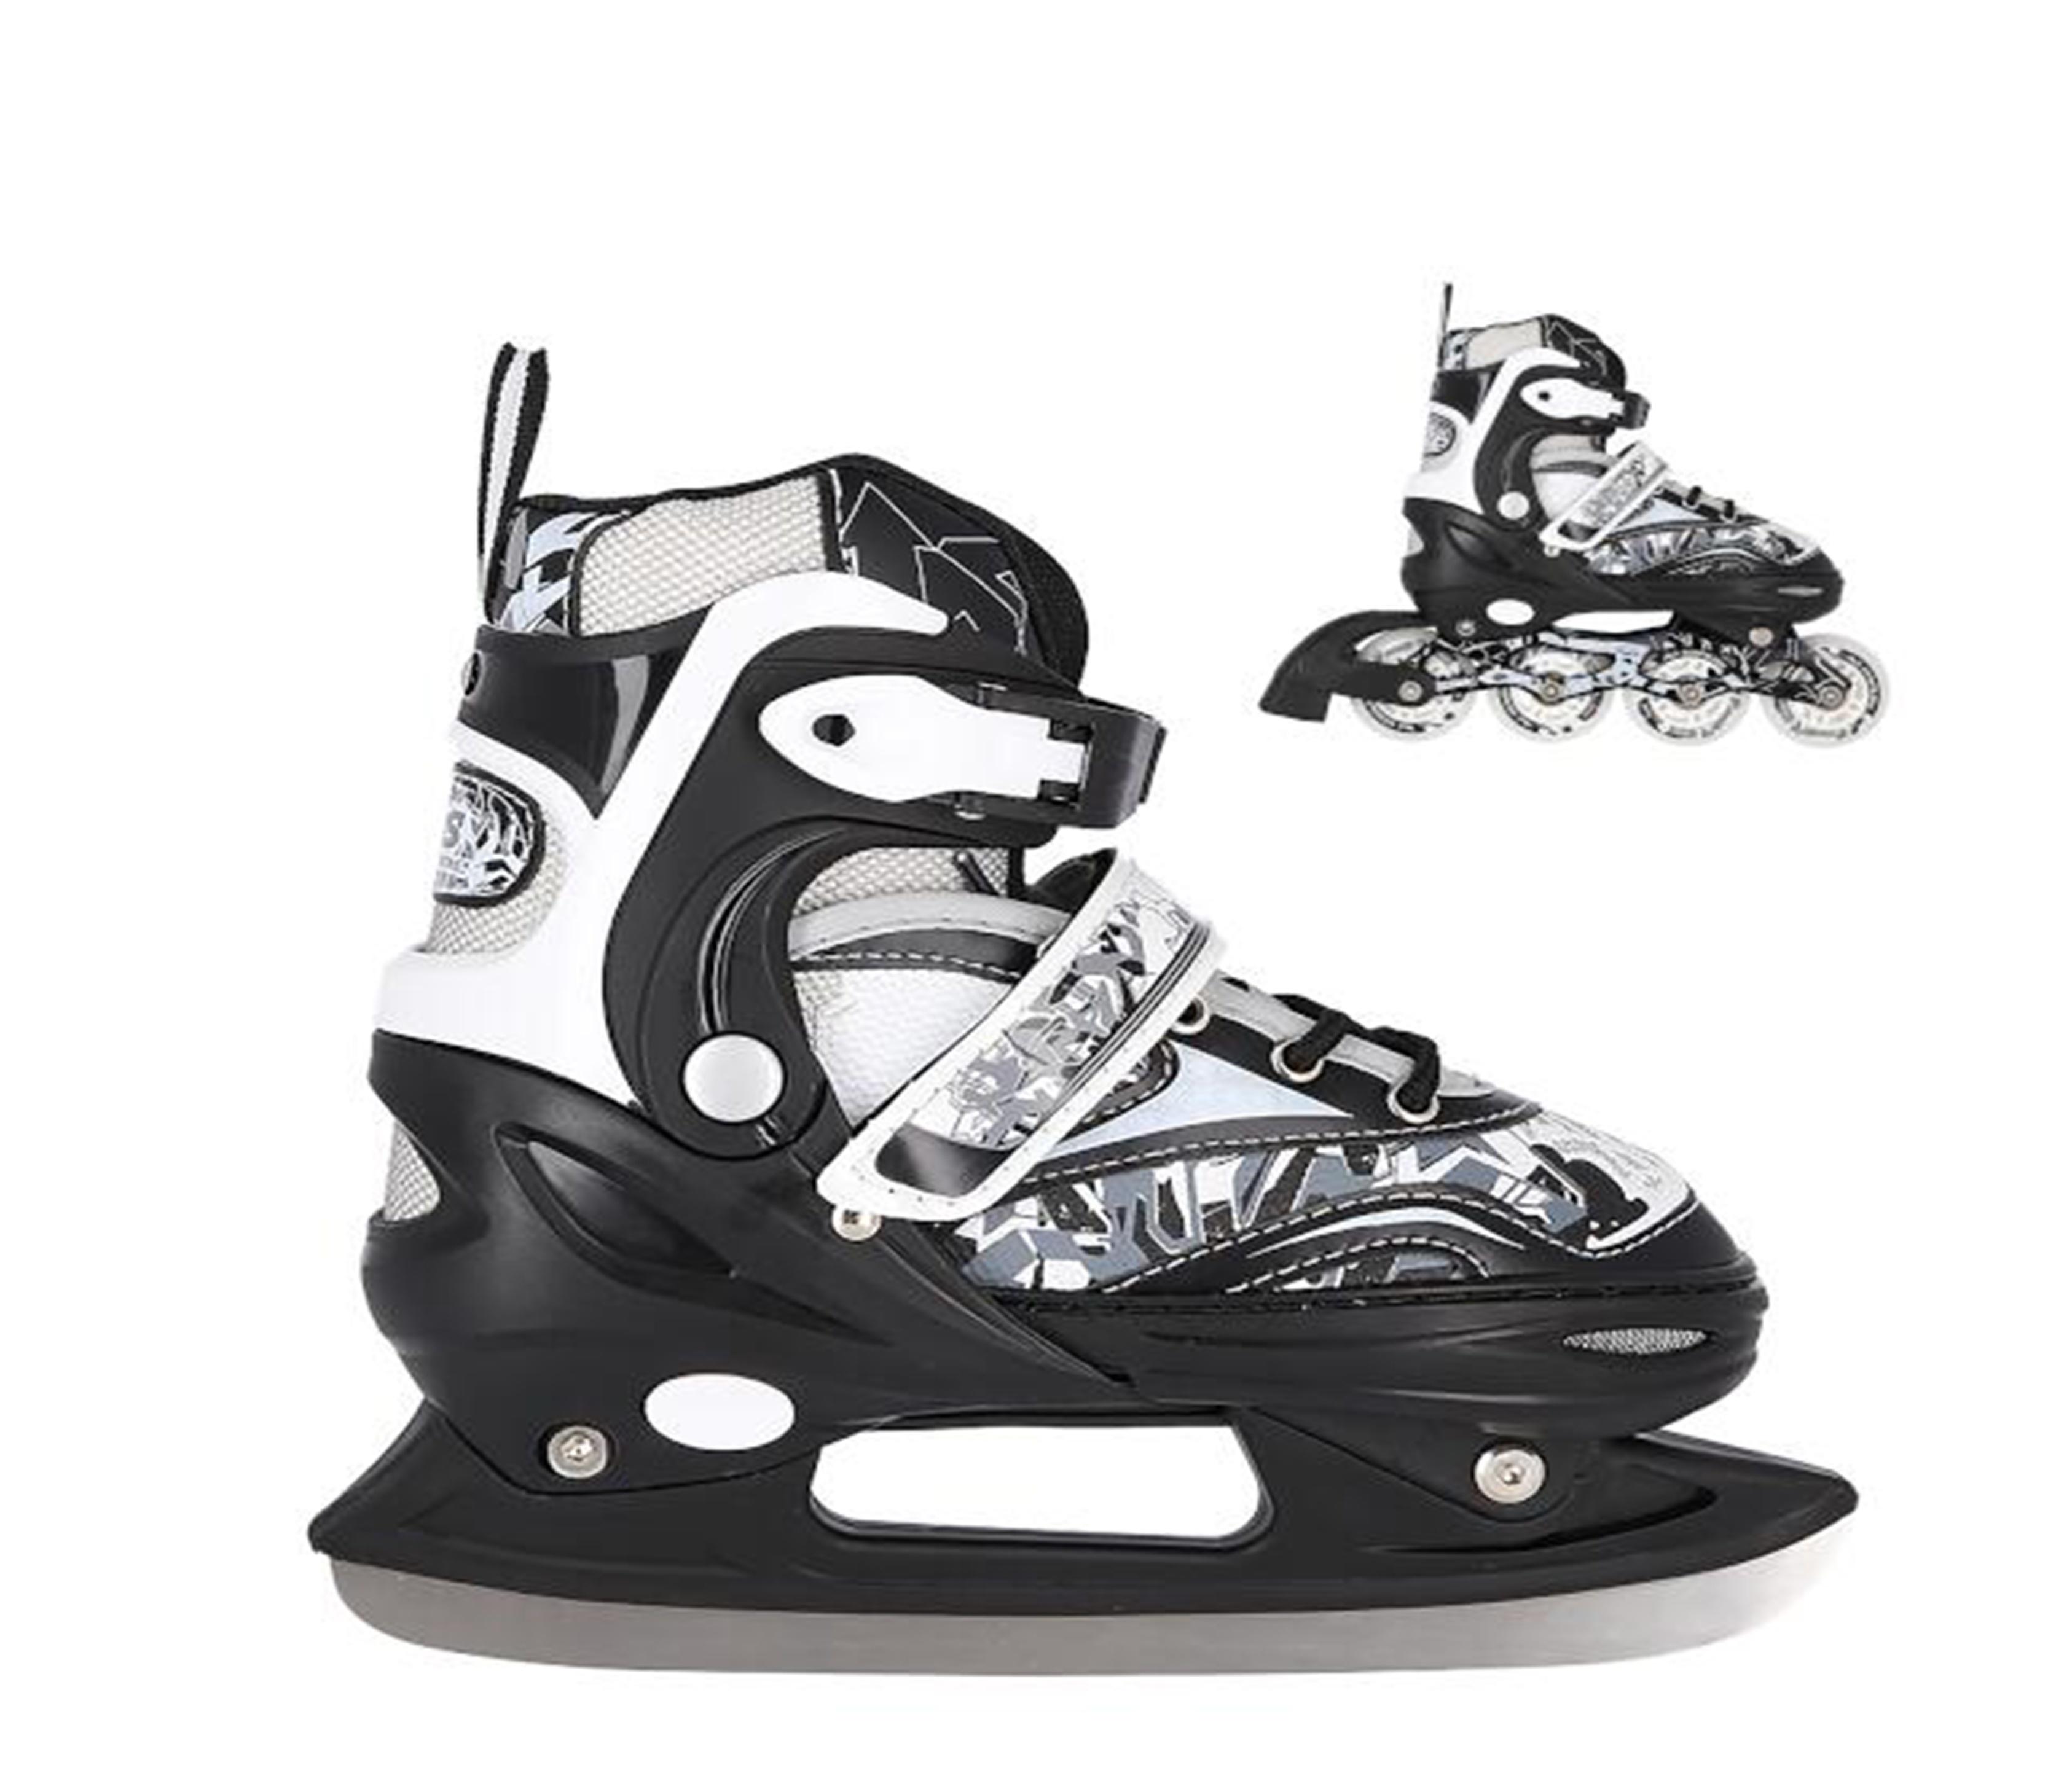 Nils Extreme Detské korčule 2v1 NH10927 Black